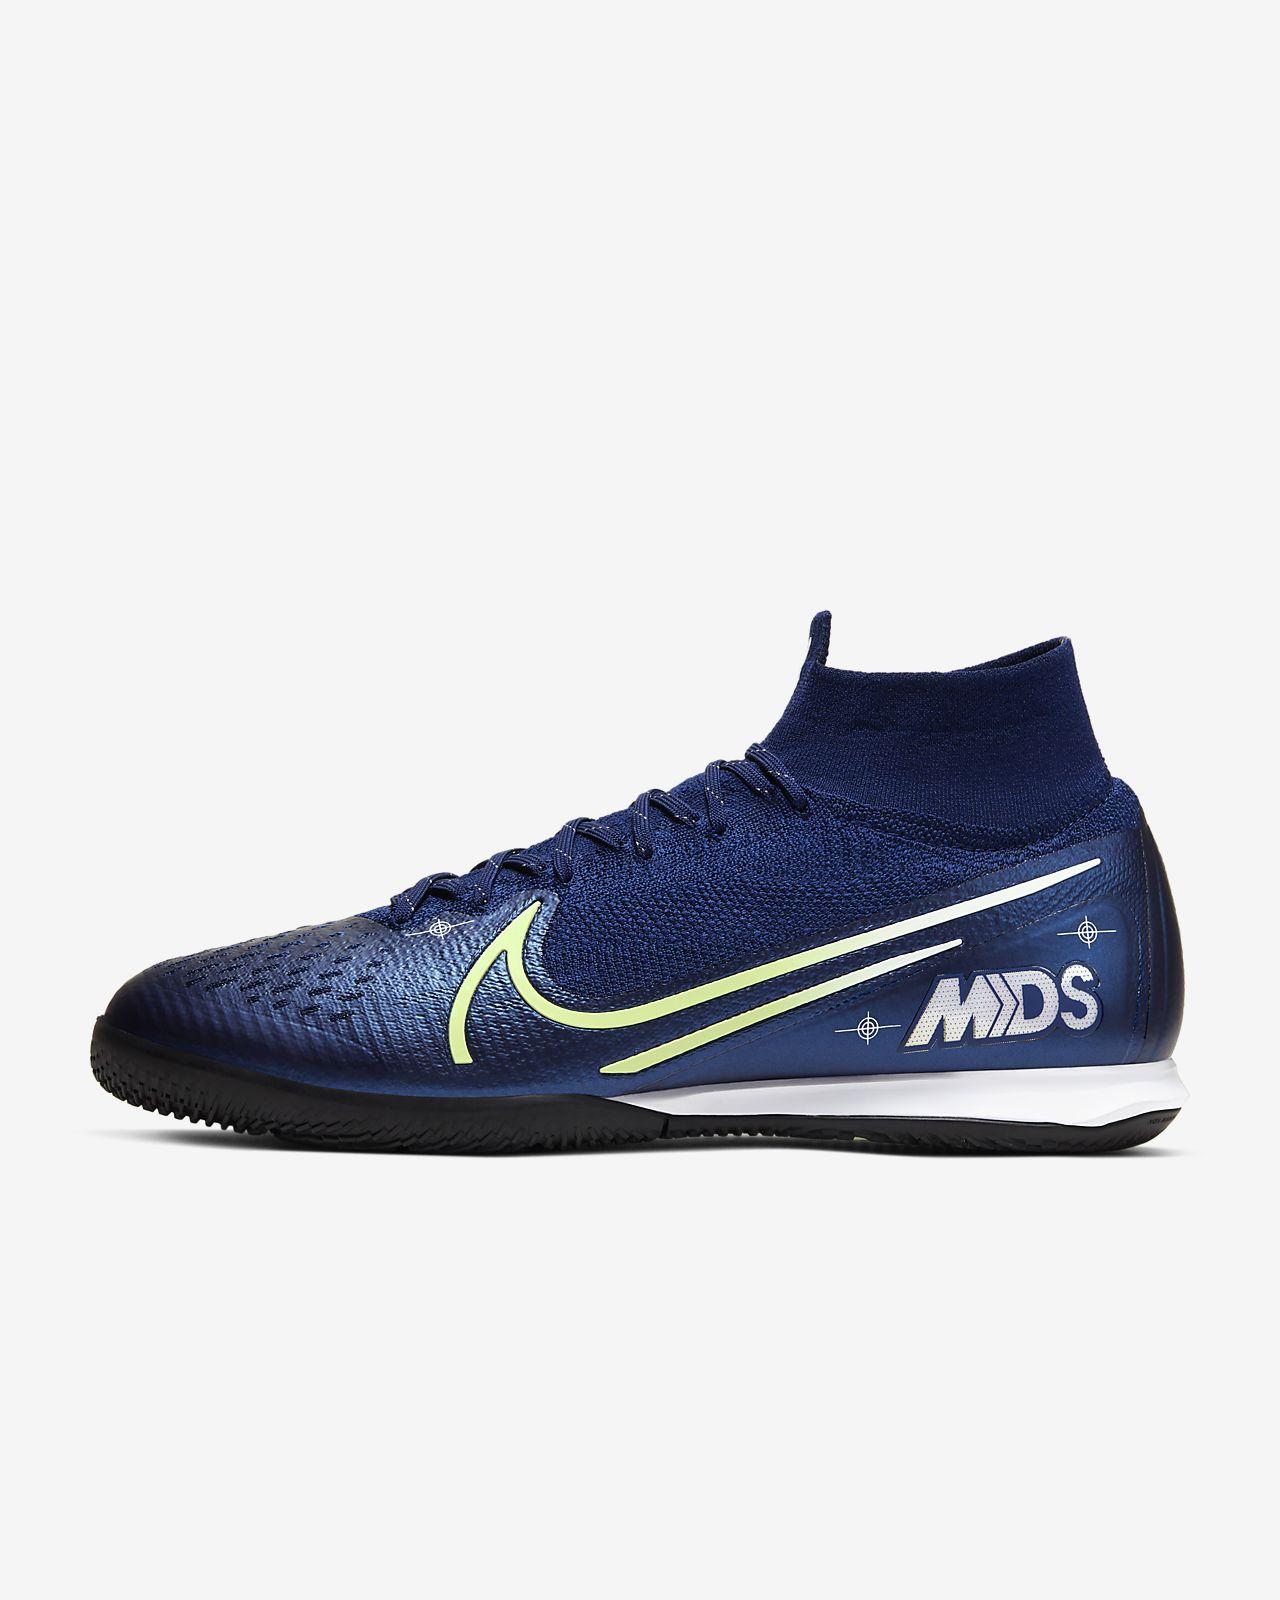 Chaussure de football en salle Nike Mercurial Superfly 7 Elite MDS IC